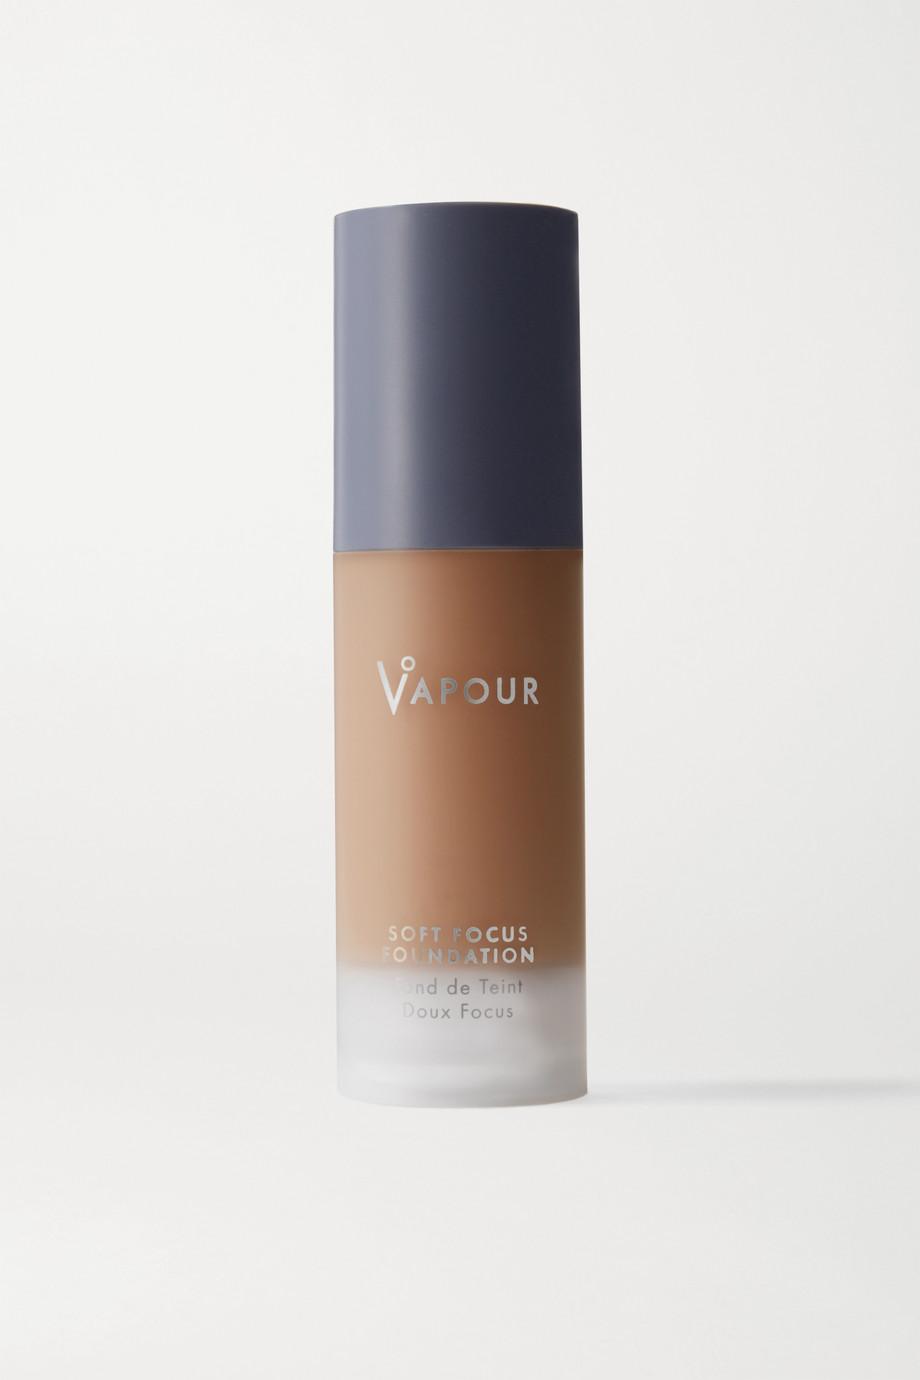 Vapour Beauty Soft Focus Foundation - 130S, 30ml